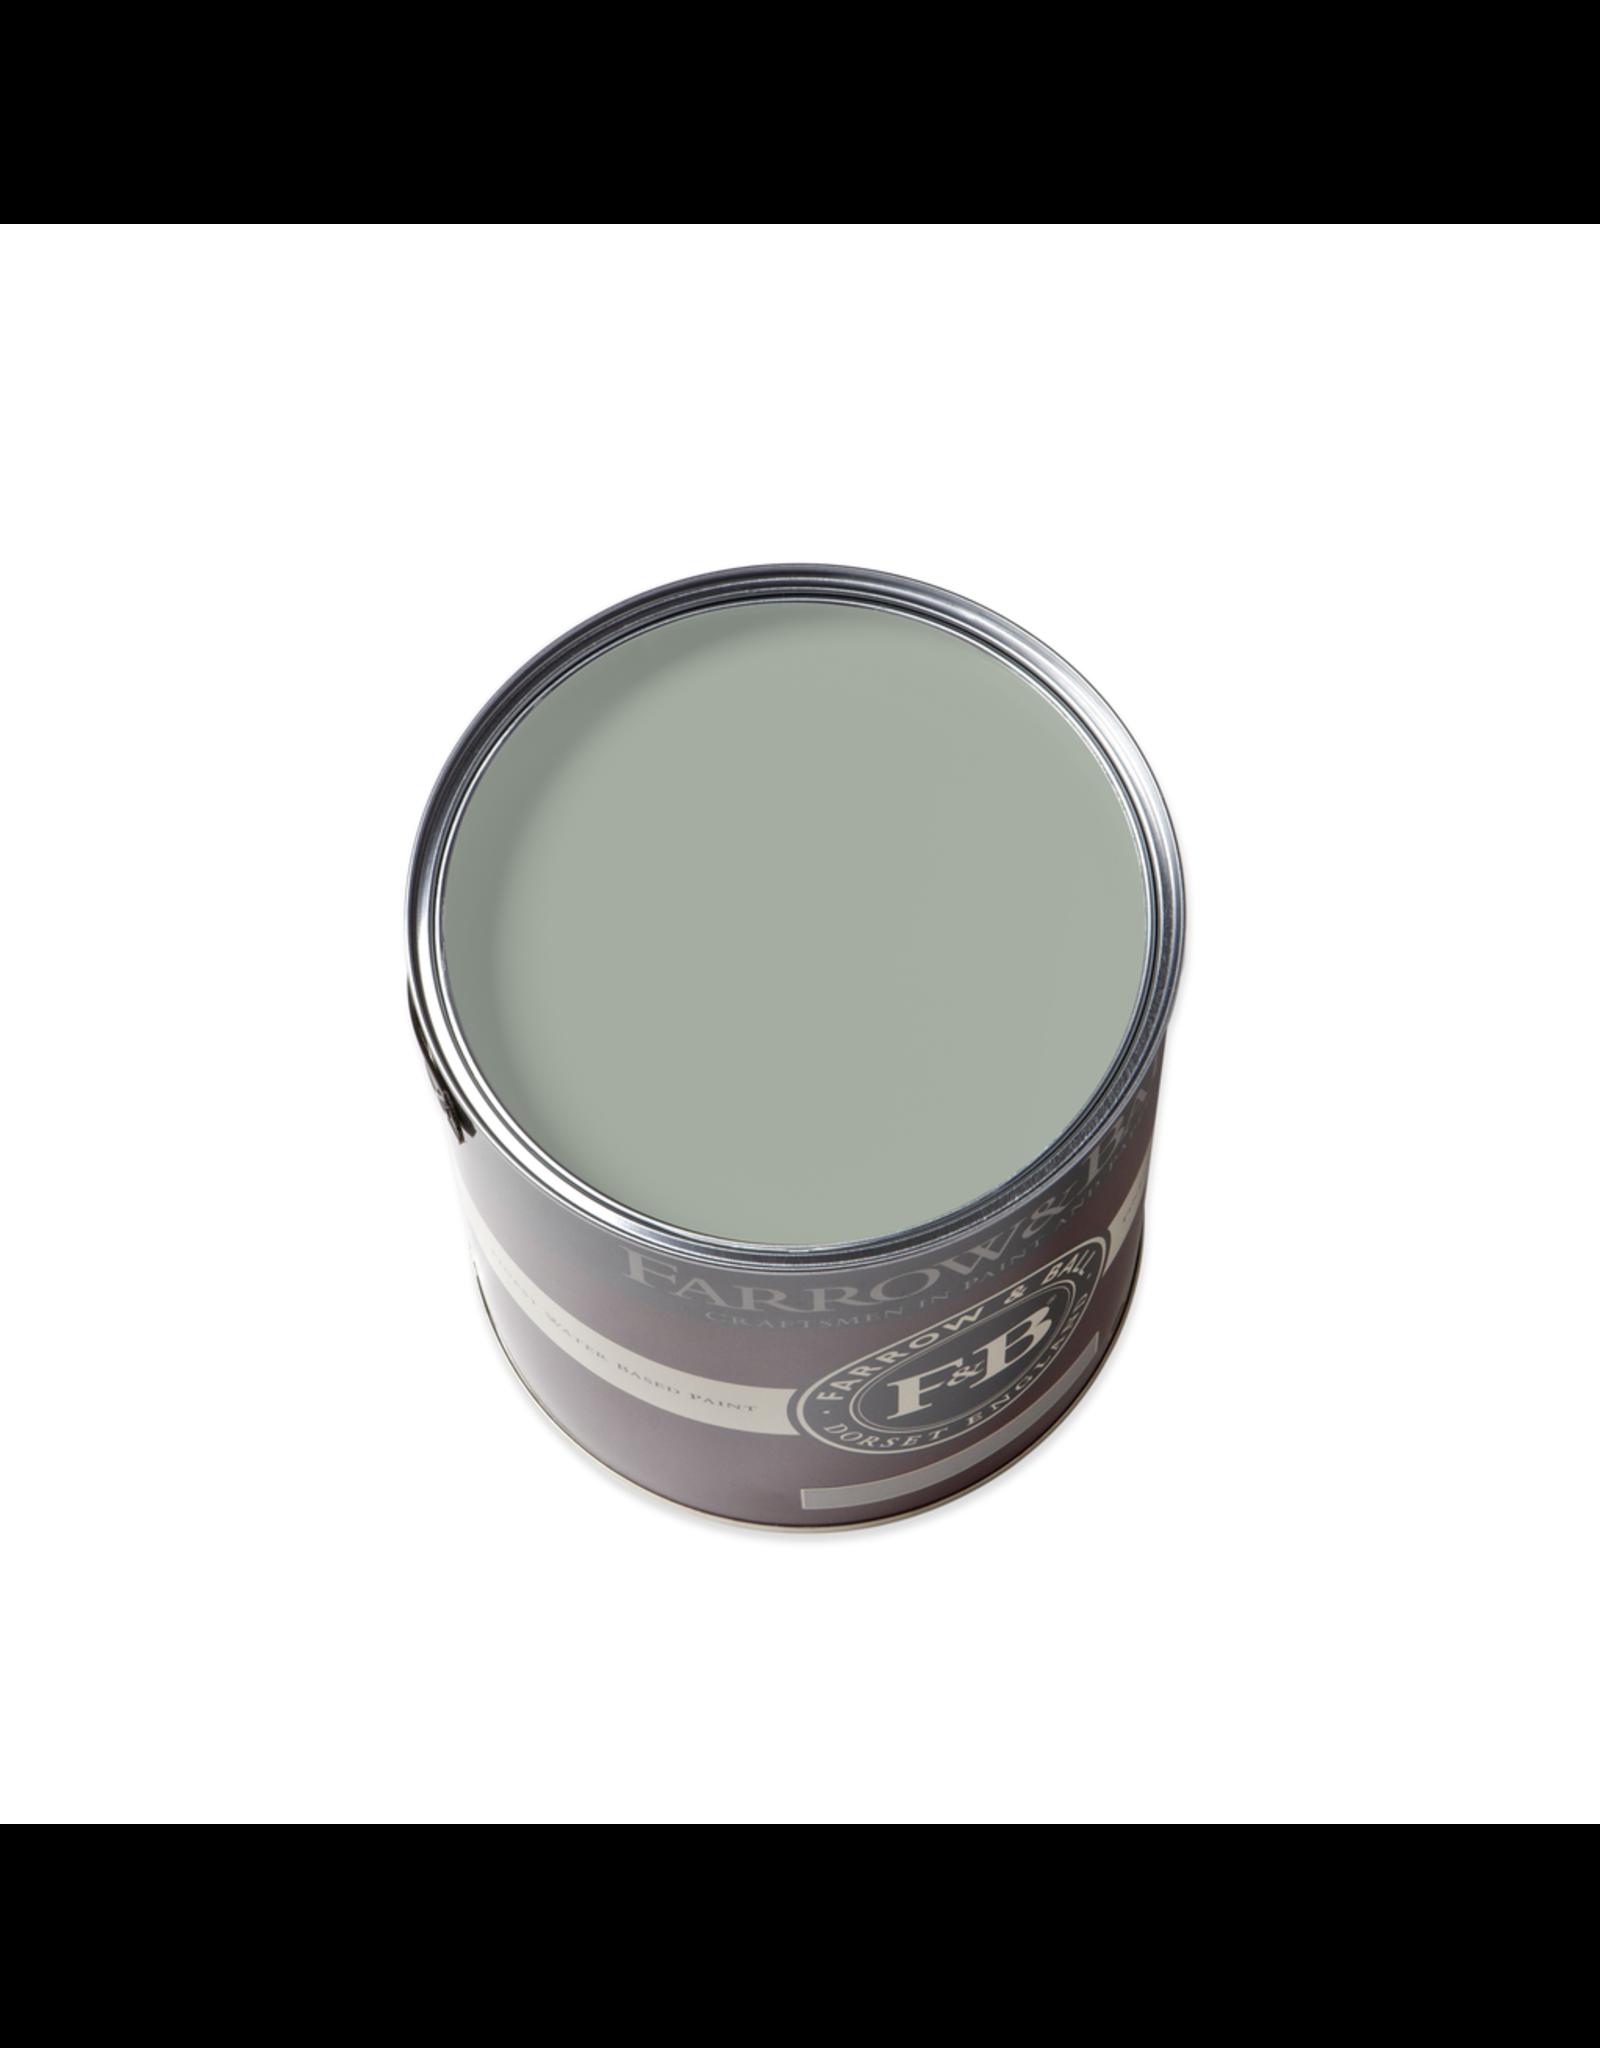 Farrow and Ball Gallon Modern Emulsion Green Blue No. 84